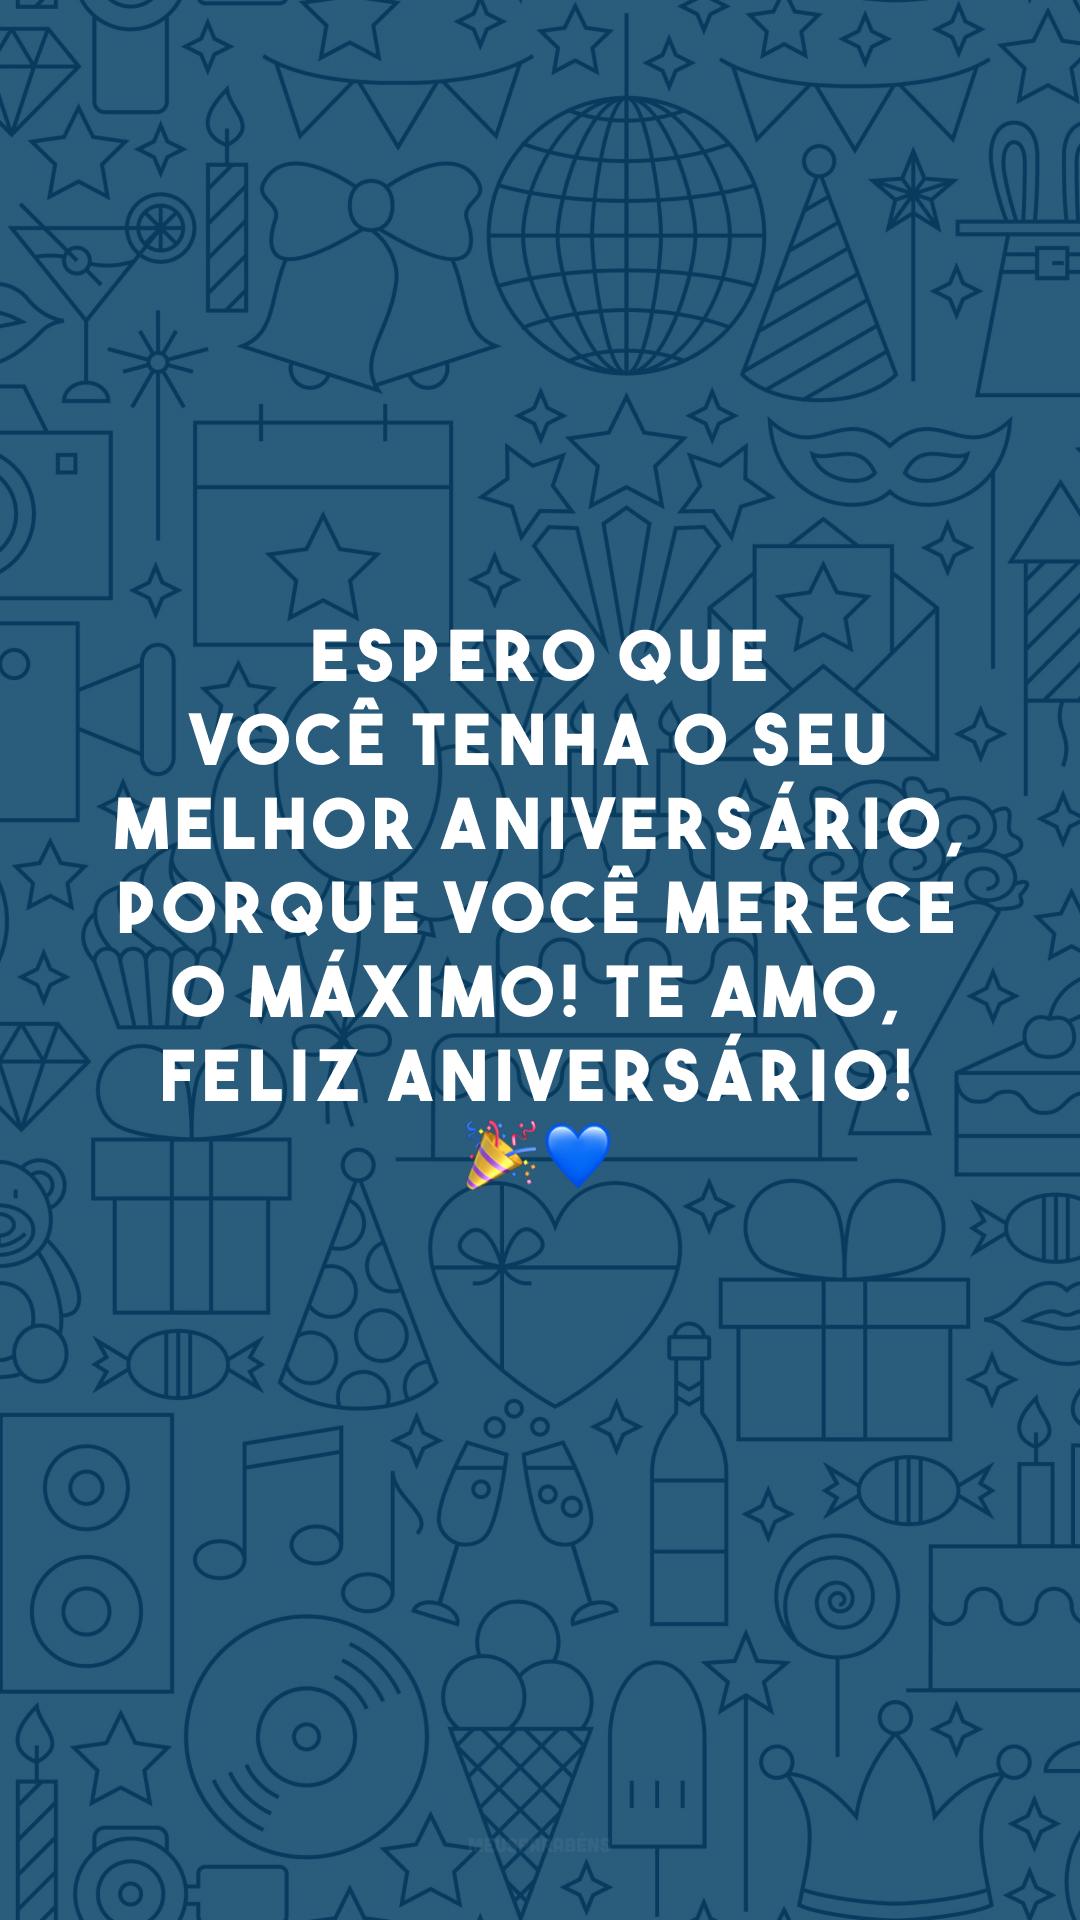 Espero que você tenha o seu melhor aniversário, porque você merece o máximo! Te amo, feliz aniversário! 🎉💙